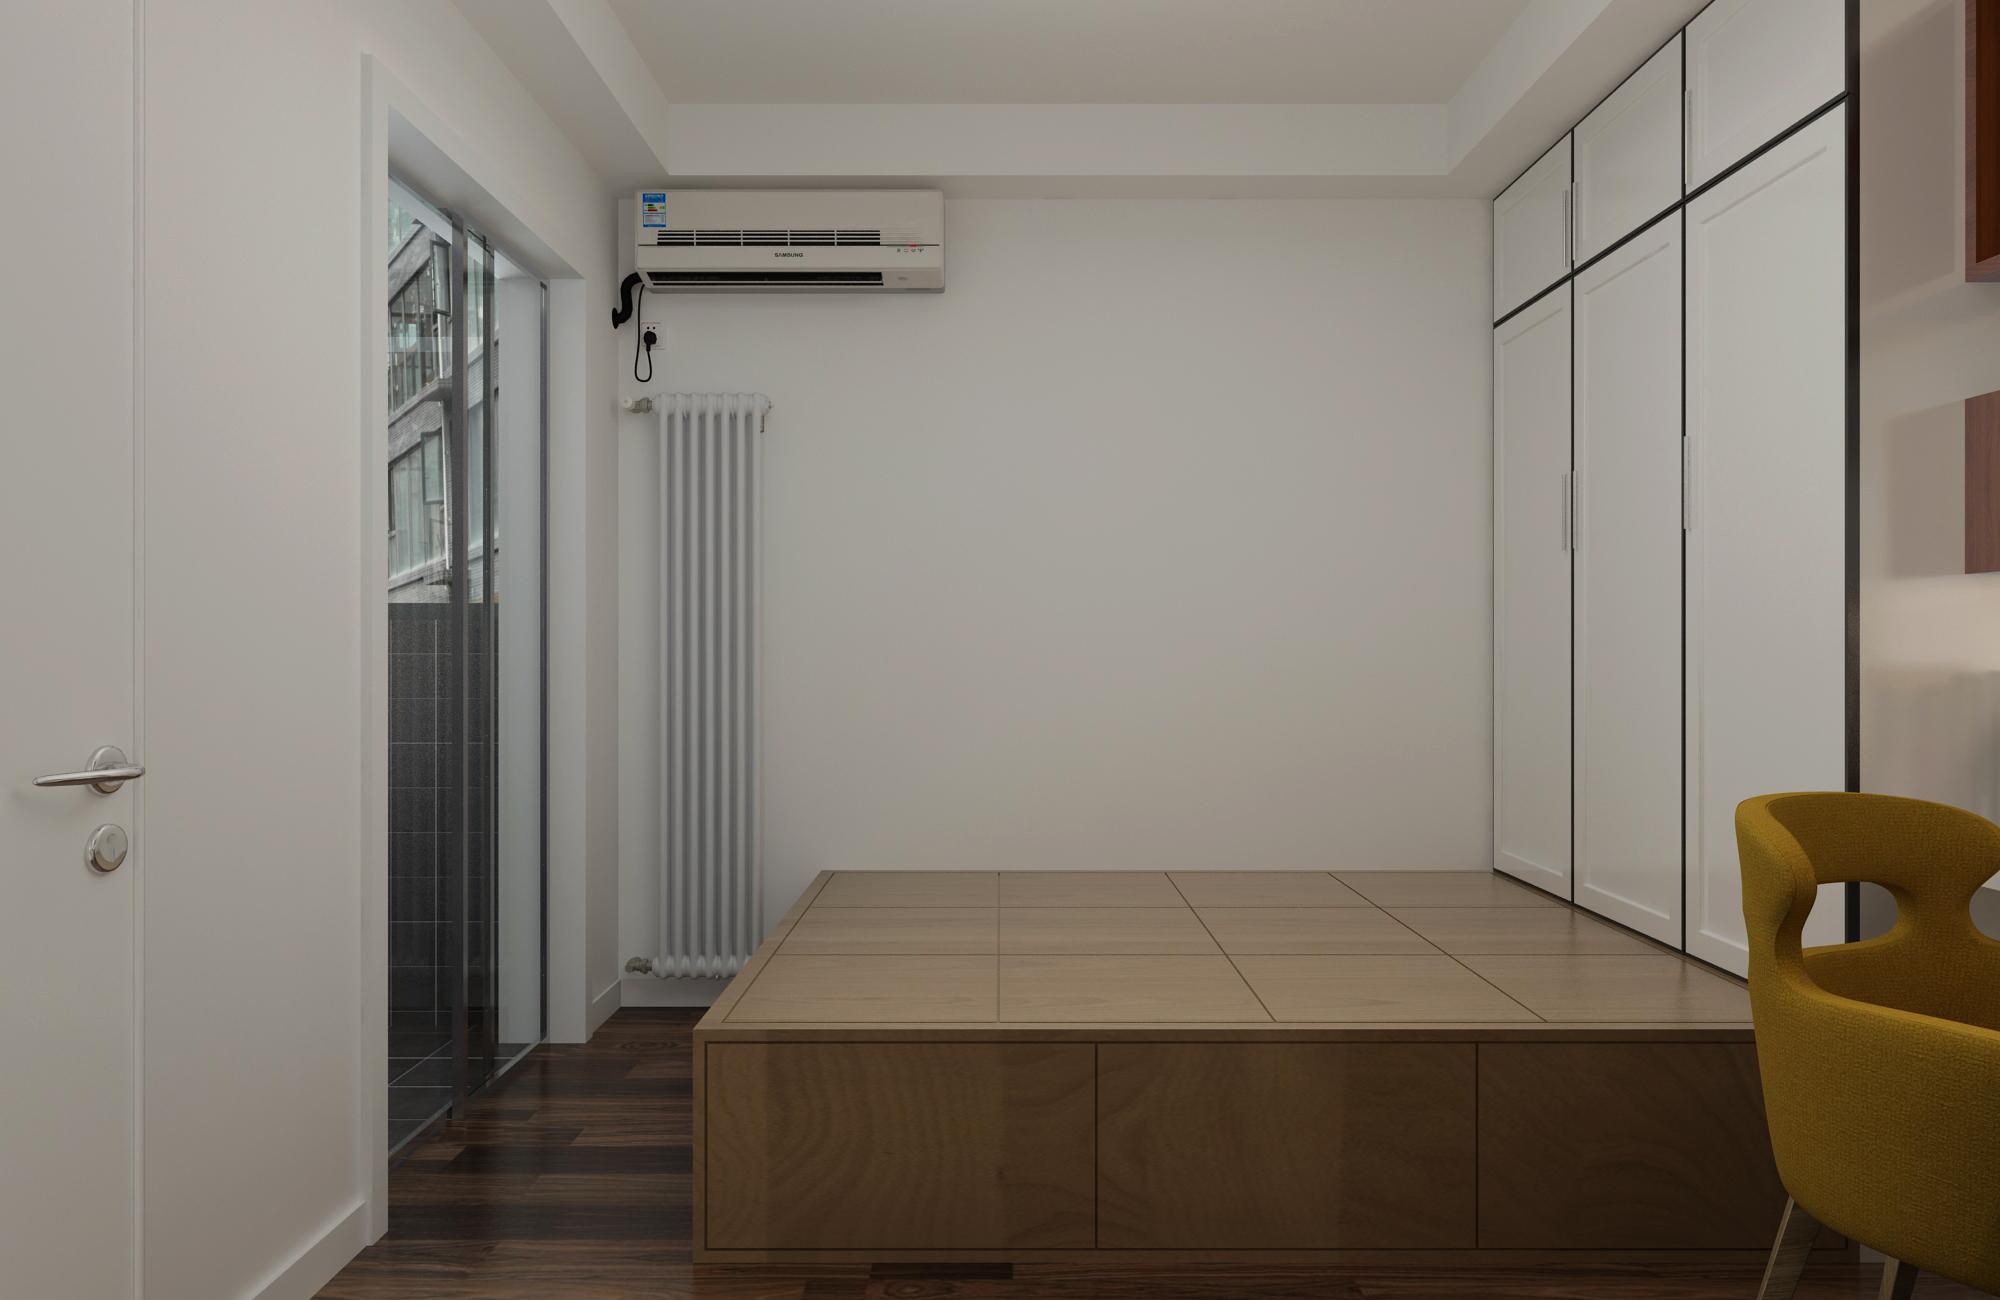 设计作品 详情页  床下暗藏着超大的储物暗格及内嵌似的衣柜,节省了